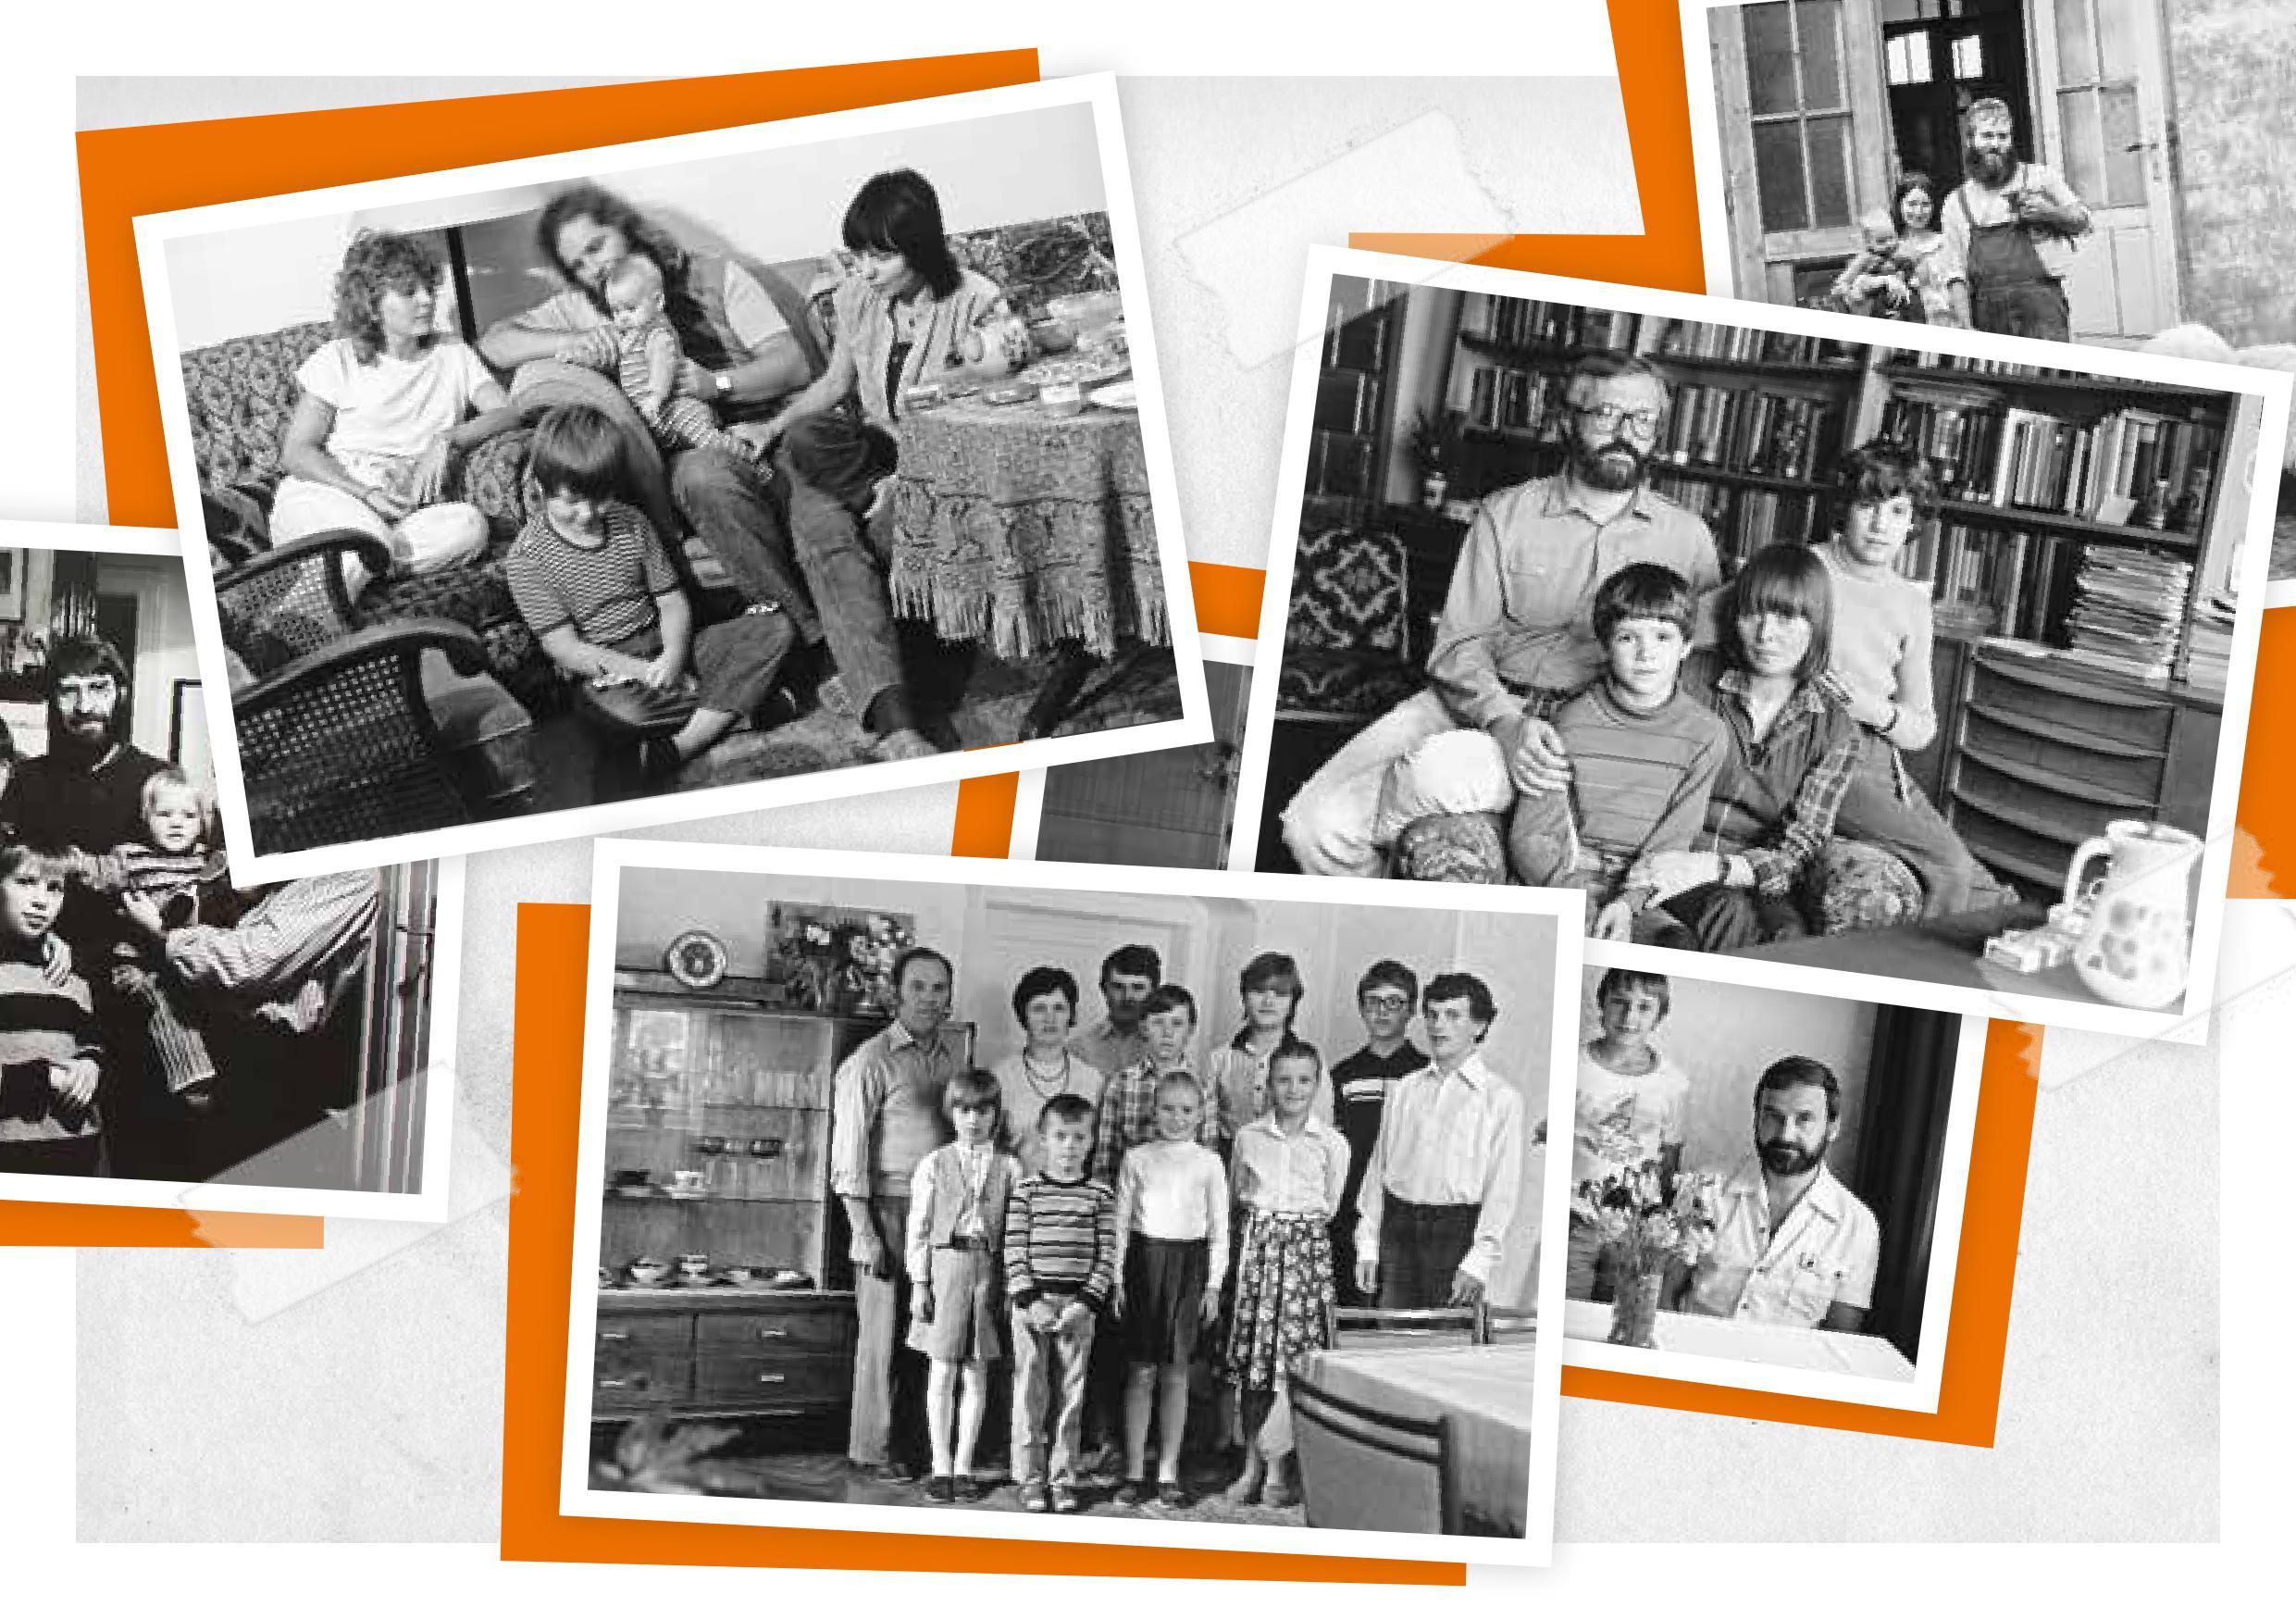 Karte 'Familienfotos' aus der Familientour